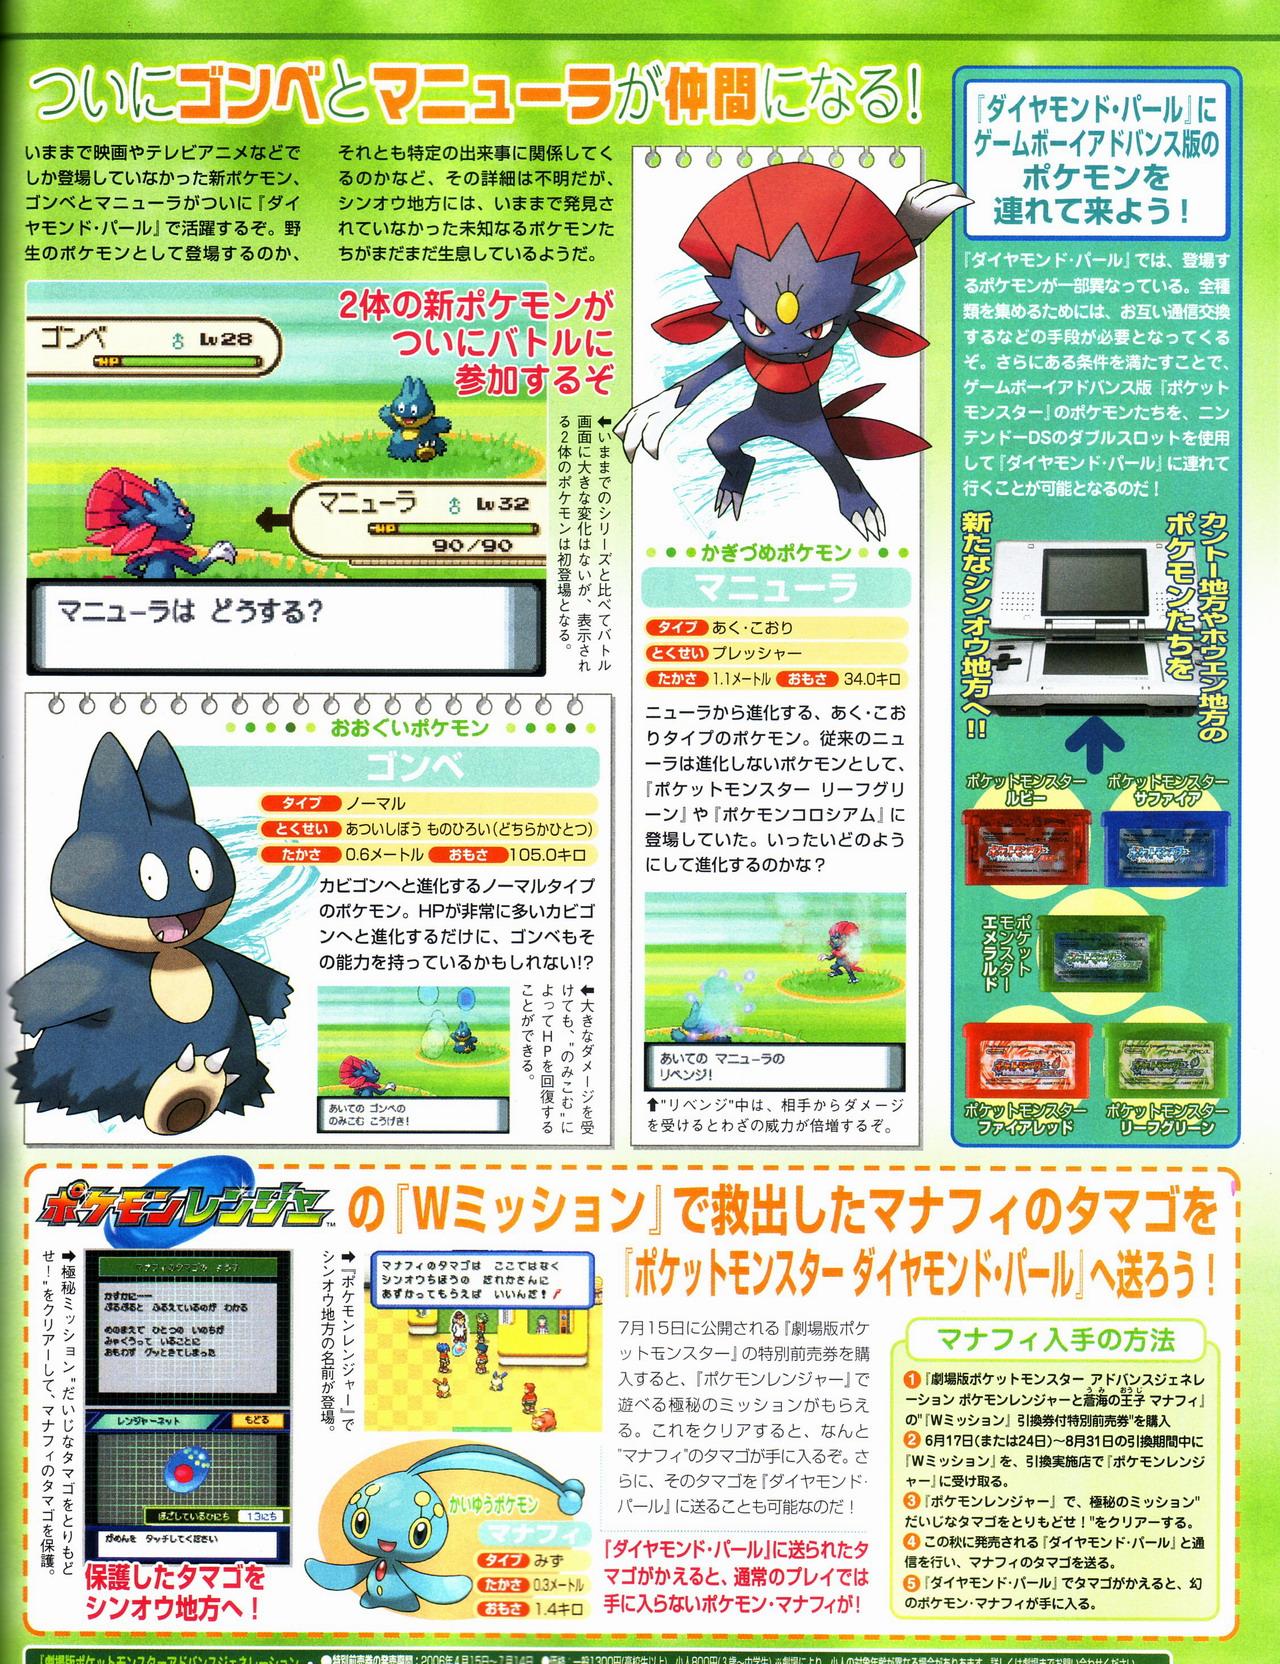 34657_Pokemon_D_P_F911brr.jpg